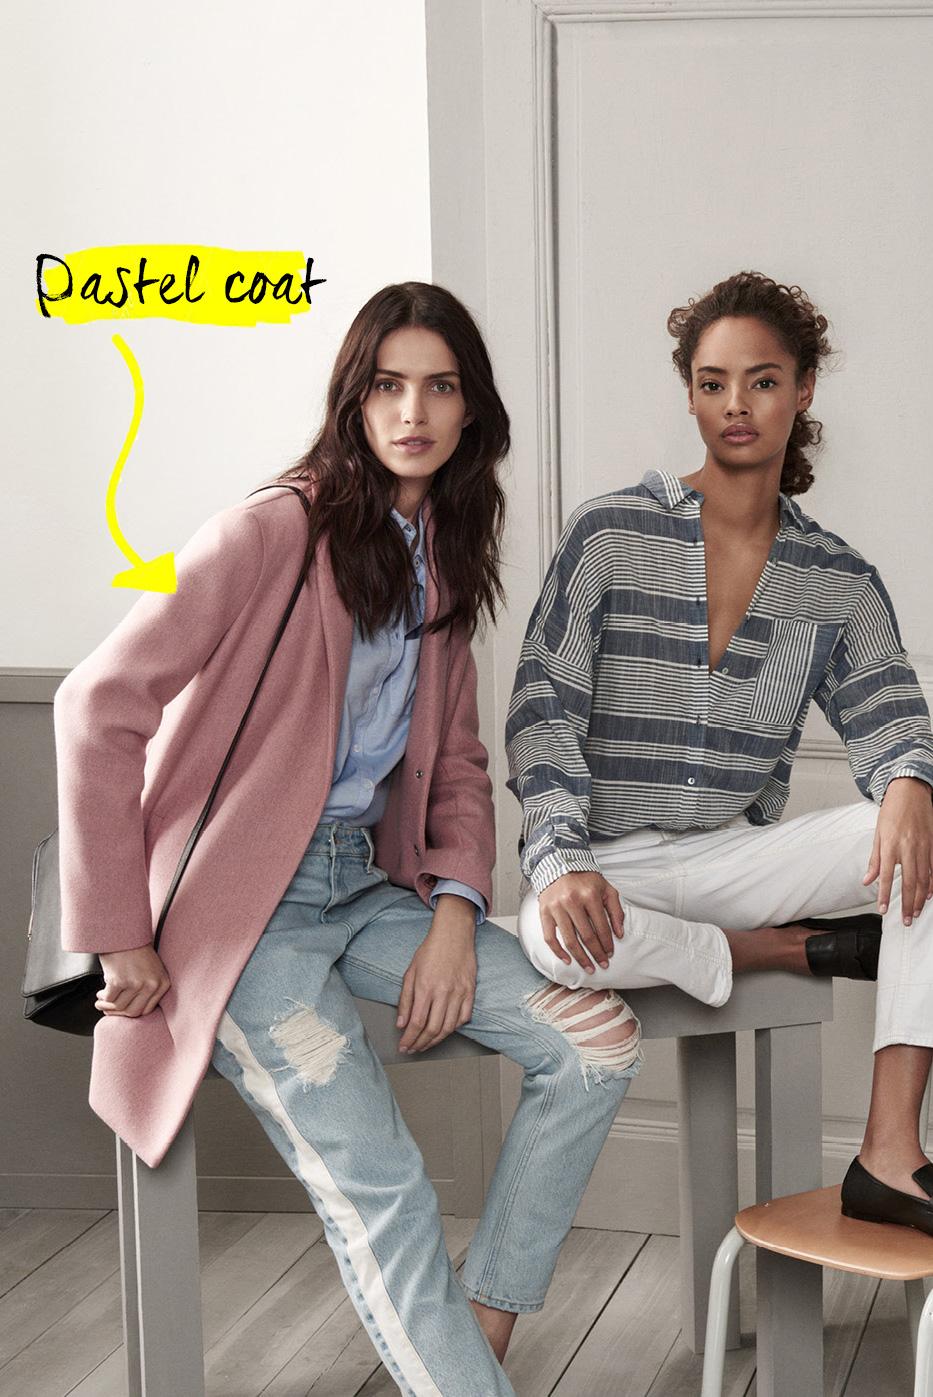 pastel-coat